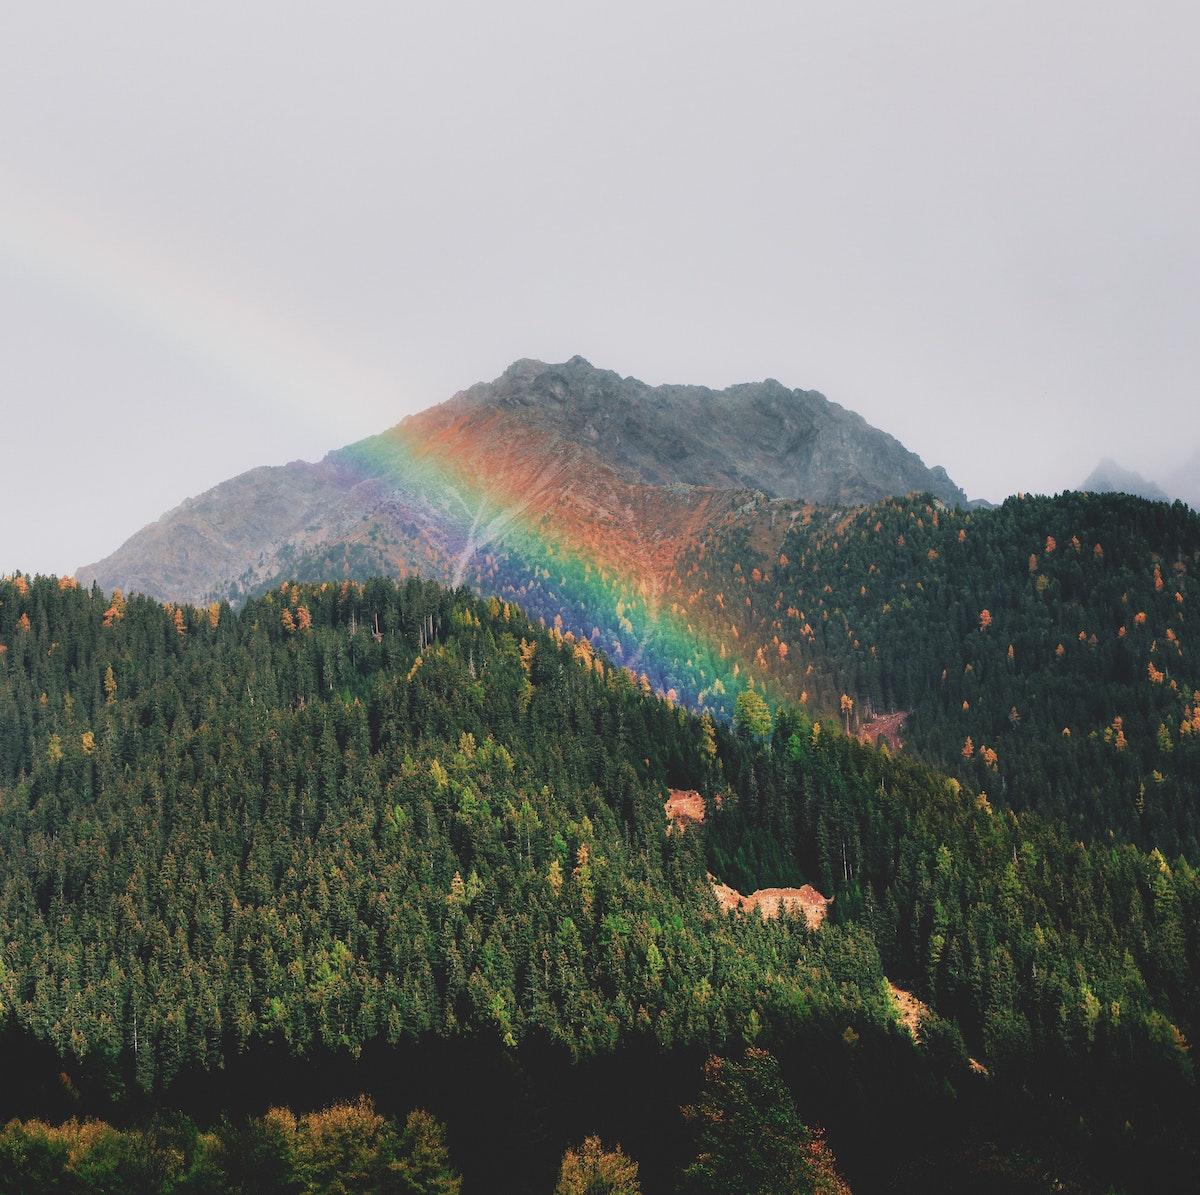 arcobaleno tra le Alpi, racconto Luca Vivan, i guerrieri arcobaleno -eberhard-grossgasteiger